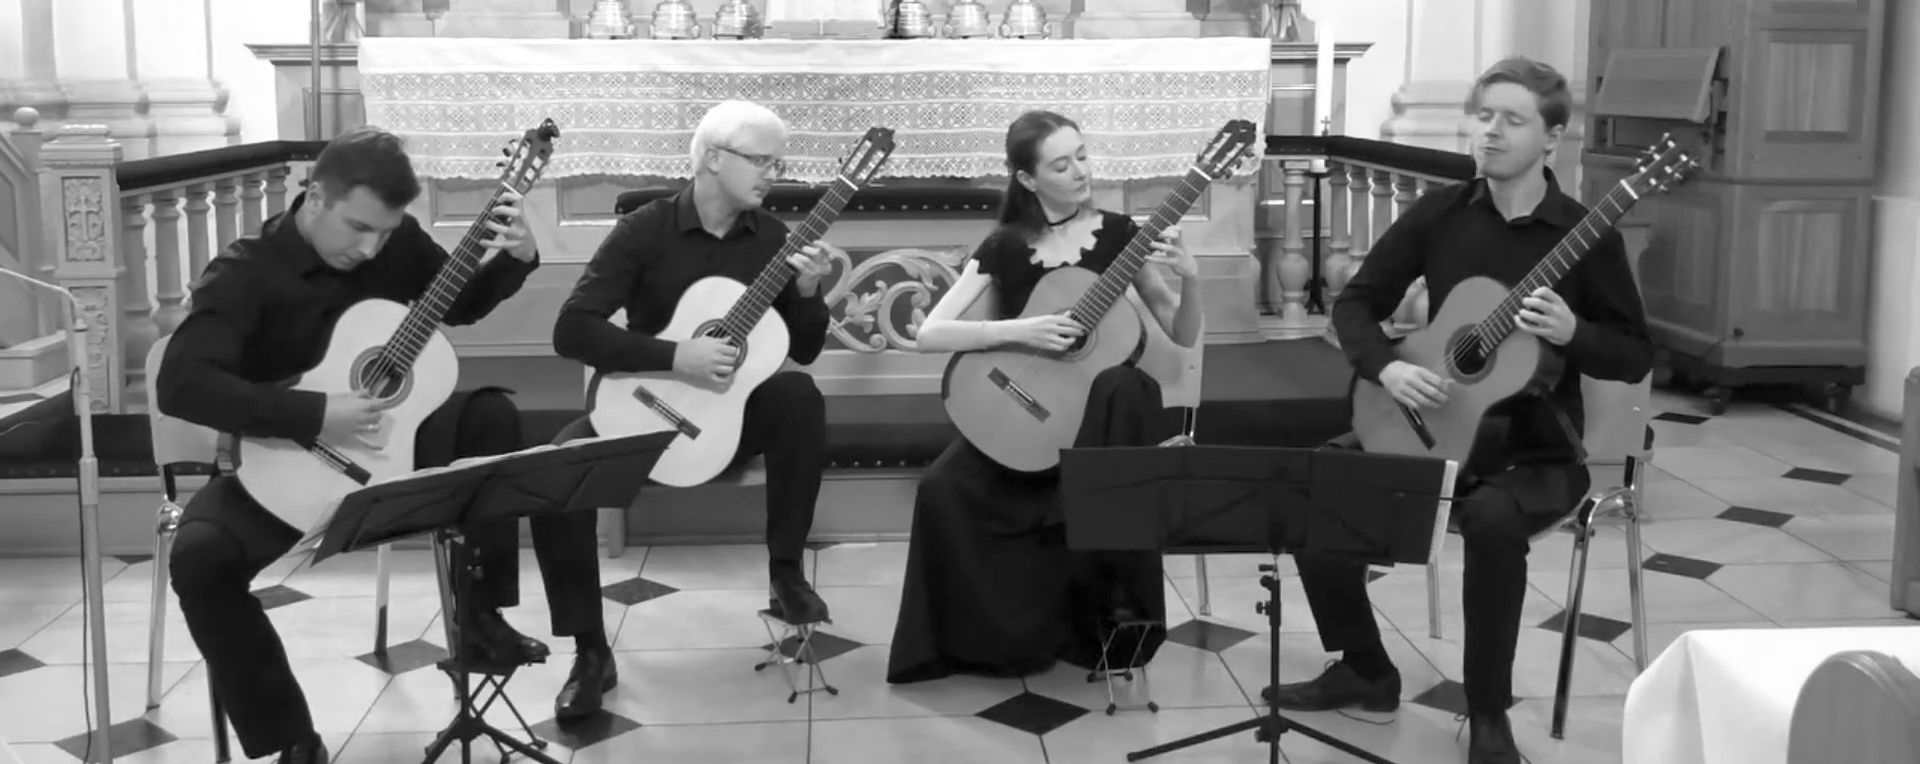 racow Guitar Quartet - Leo Brouwer - Cuban Landscape with Rain (wideo)